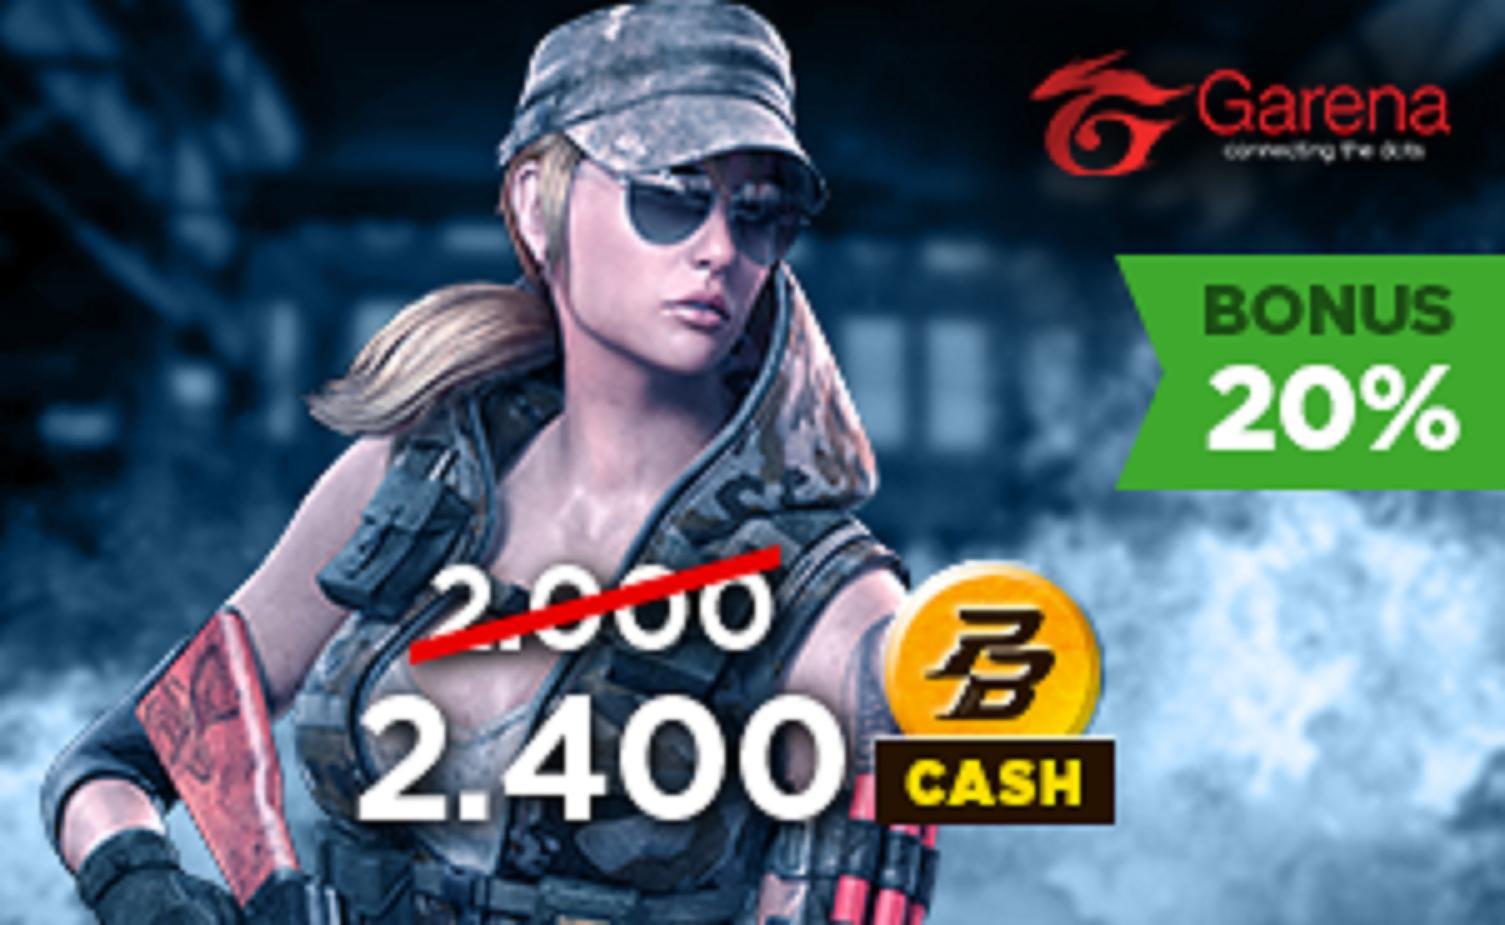 Review Voucher Gemscool 2000 G Cash Dan Harga Terbaru Katalog 20000 Digital Code Garena Pb 200002400 Top Up